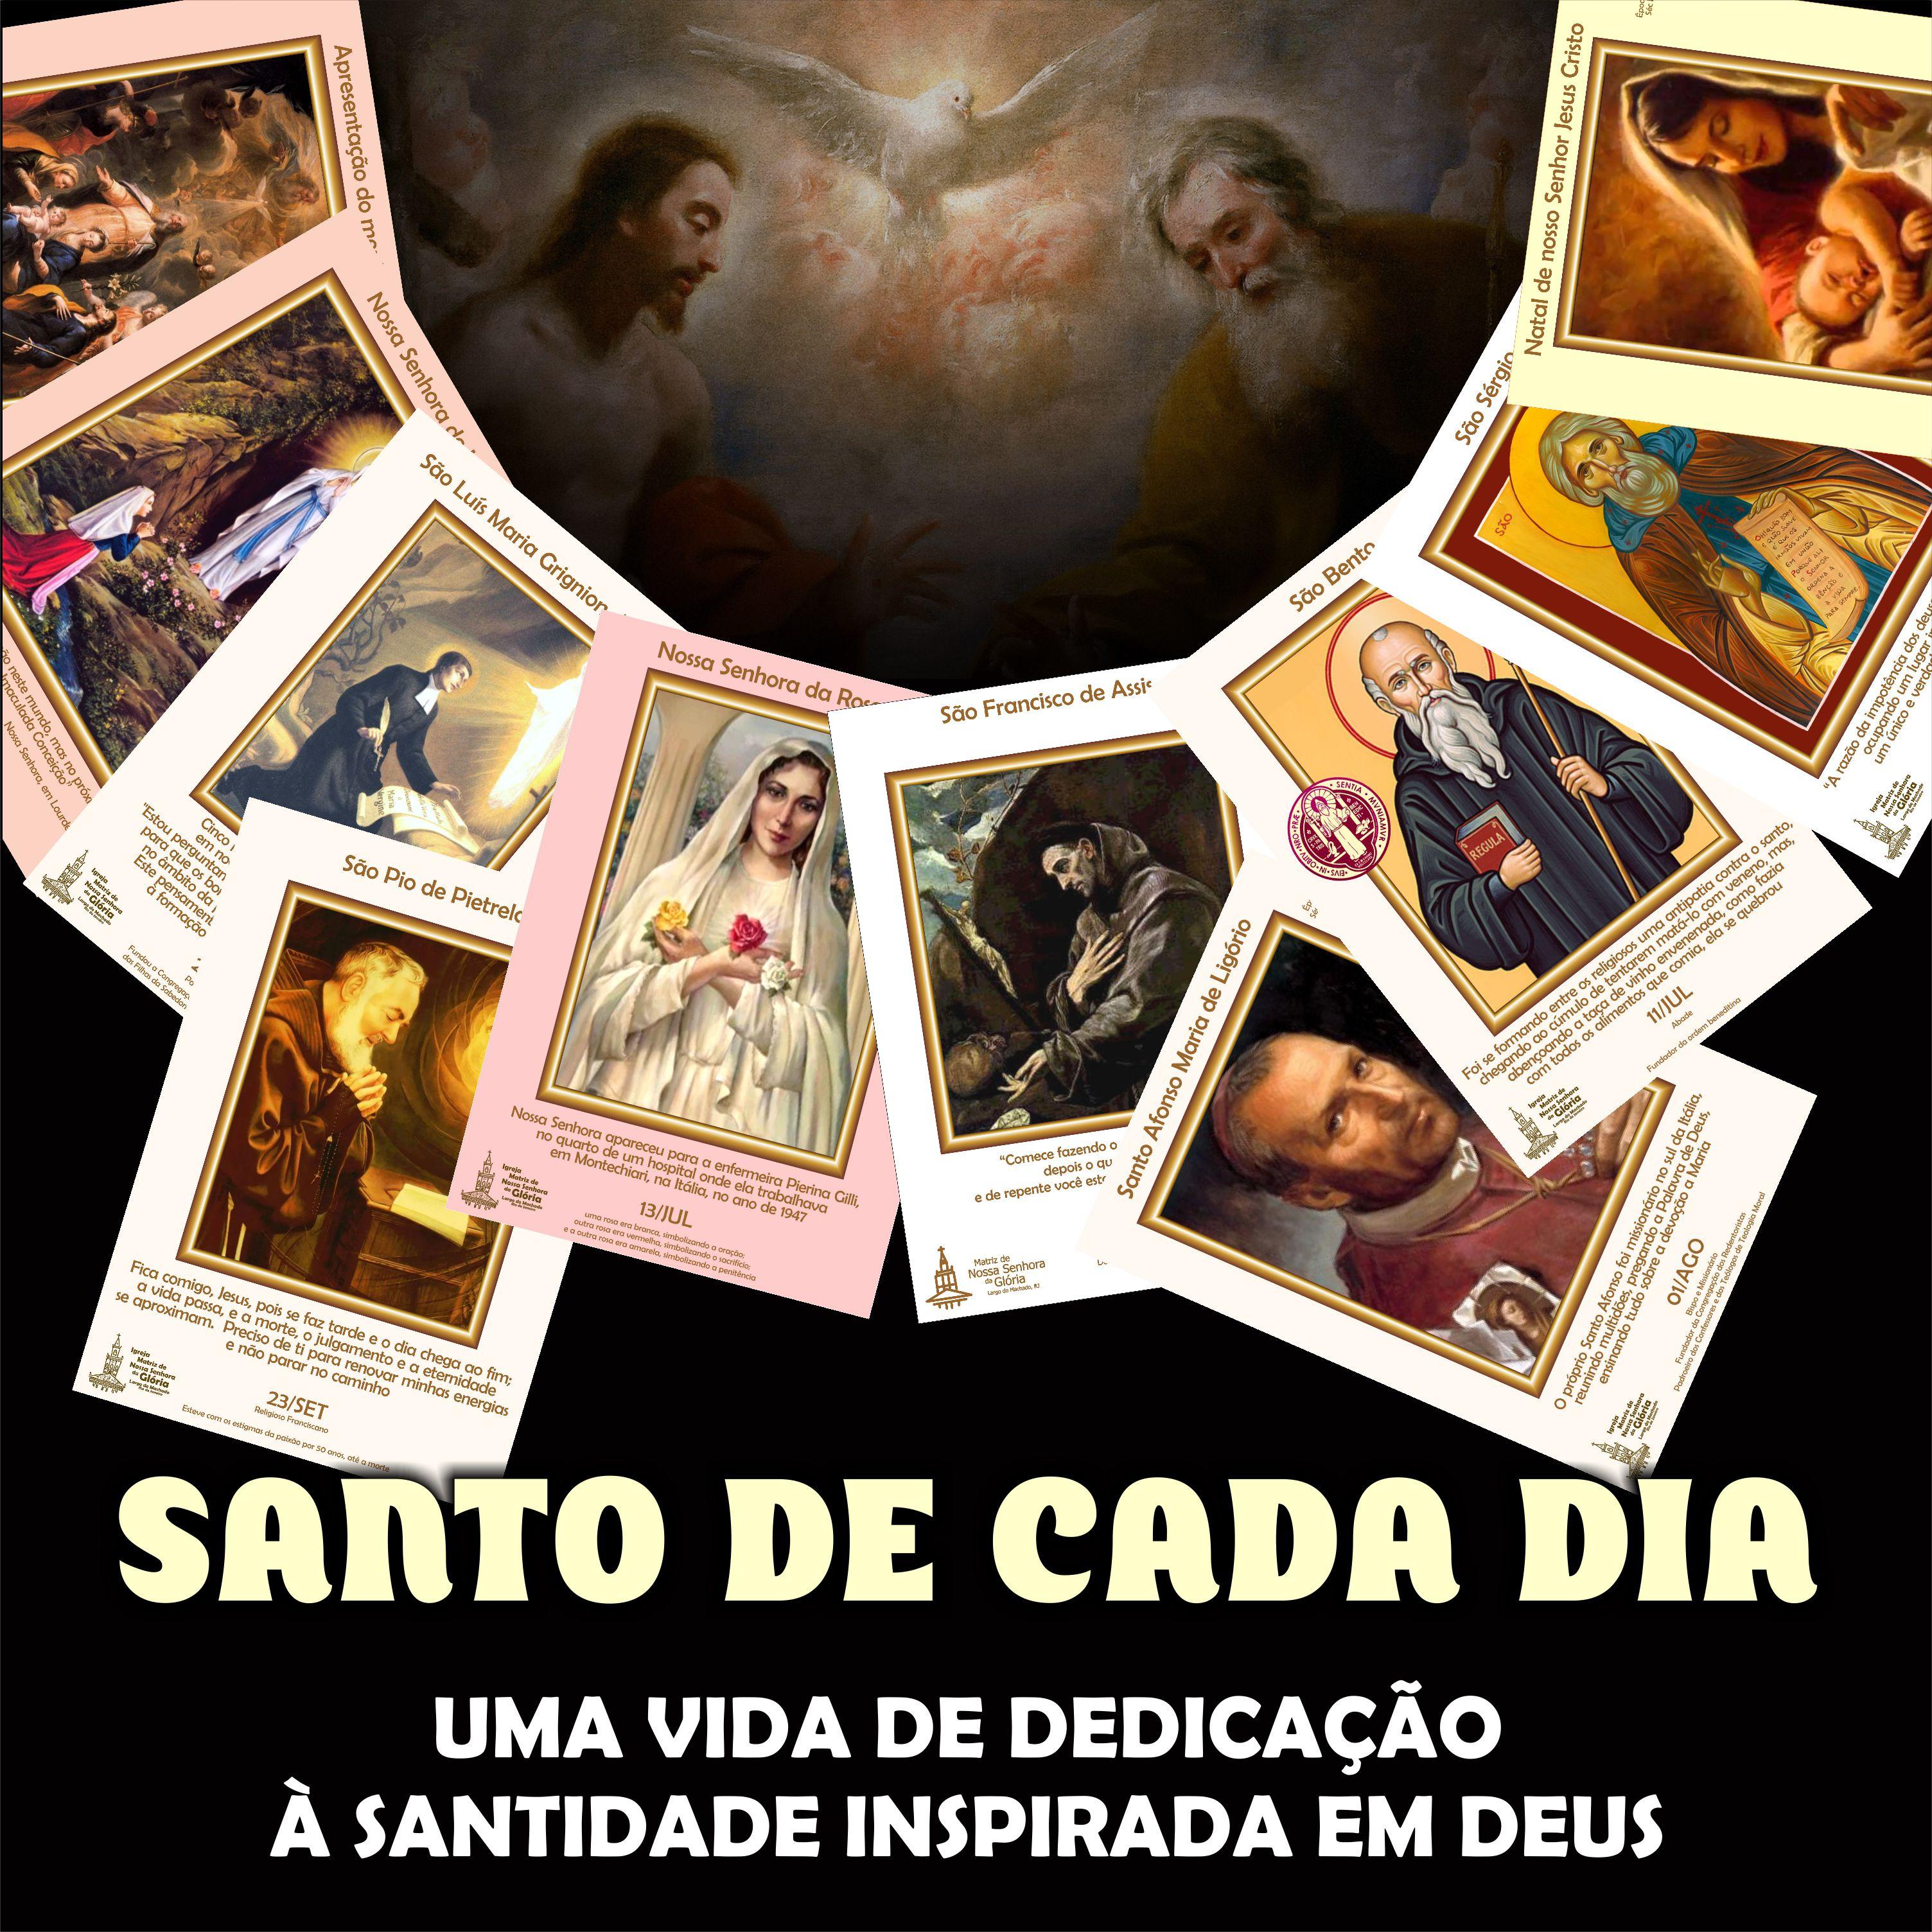 SANTO DE CADA DIA